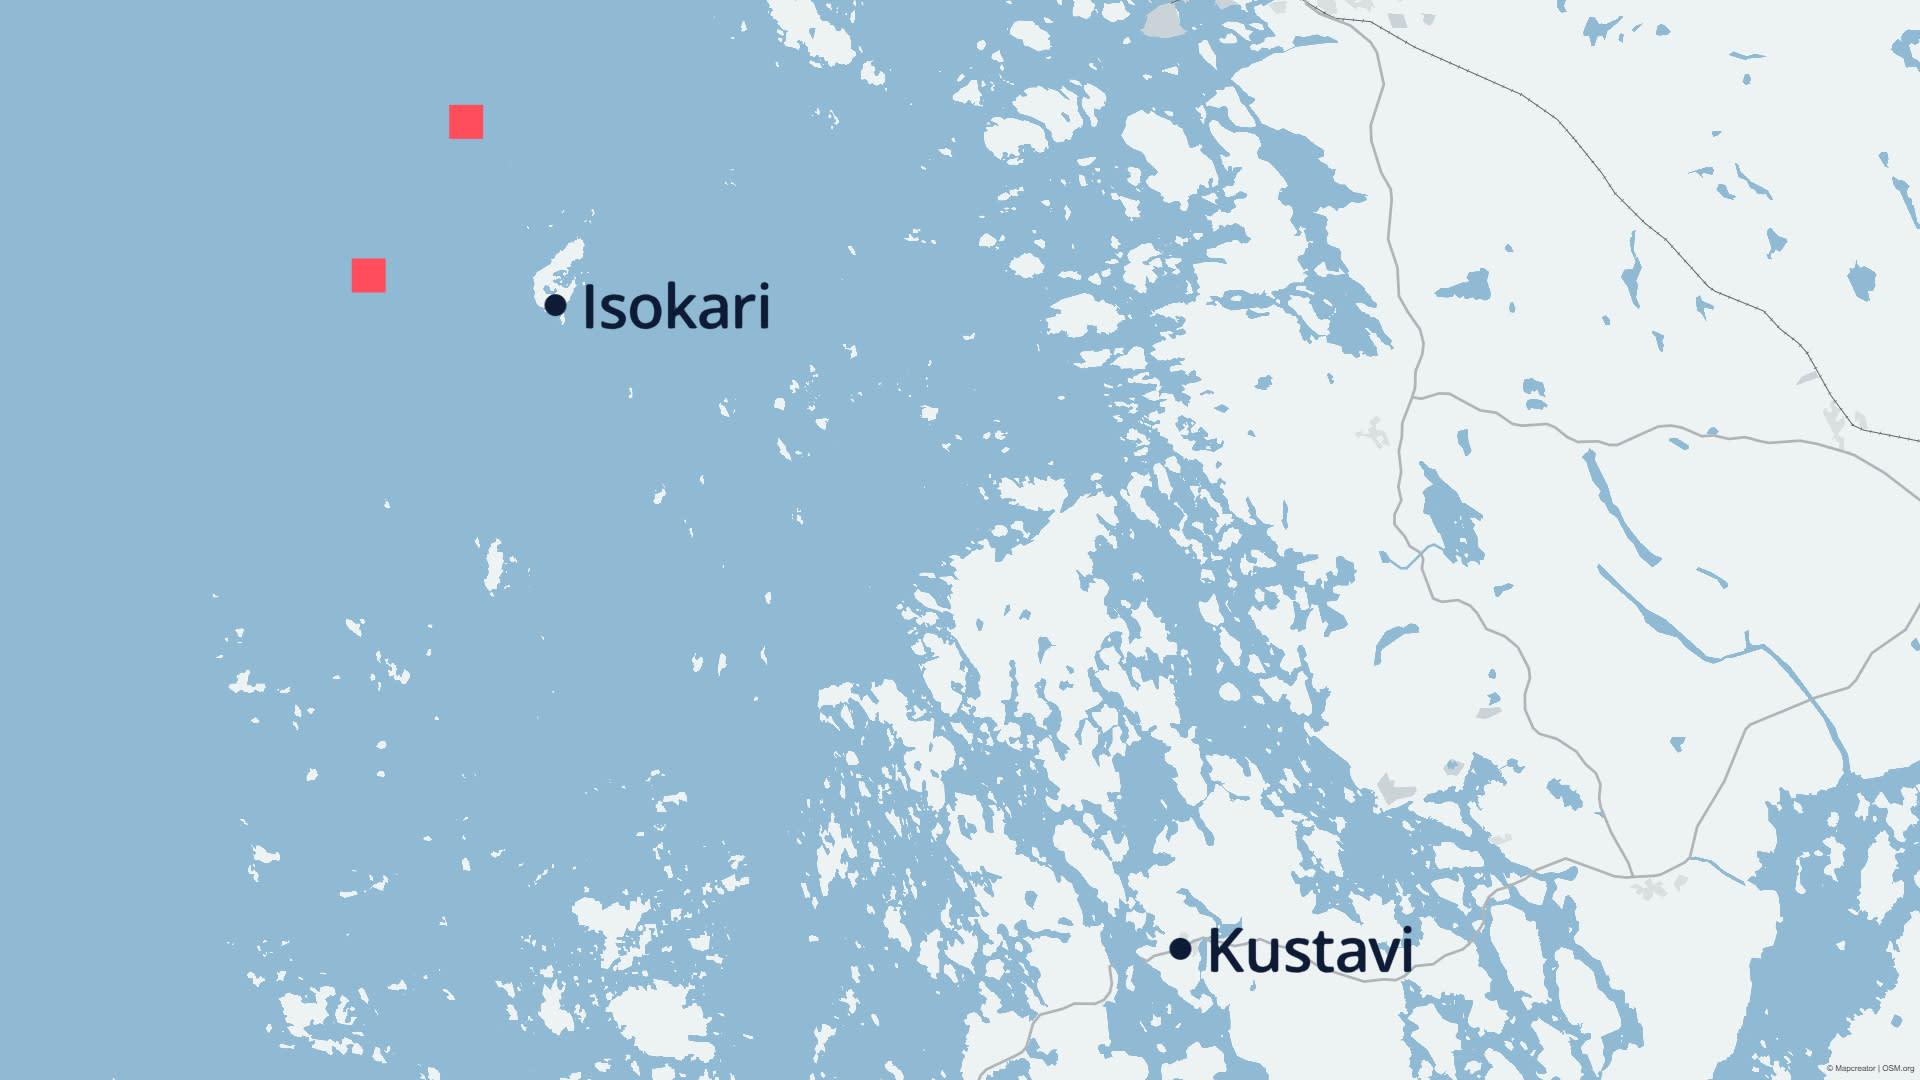 Kartassa näkyy, mihin Metsähallitus on suunnitellut kalankasvatuslaitoksia. Karttaan on merkitty kaksi vaihtoehtoista paikkaa, joista toinen sijaitsee Isokarin länsipuolella, toinen luoteispuolella.